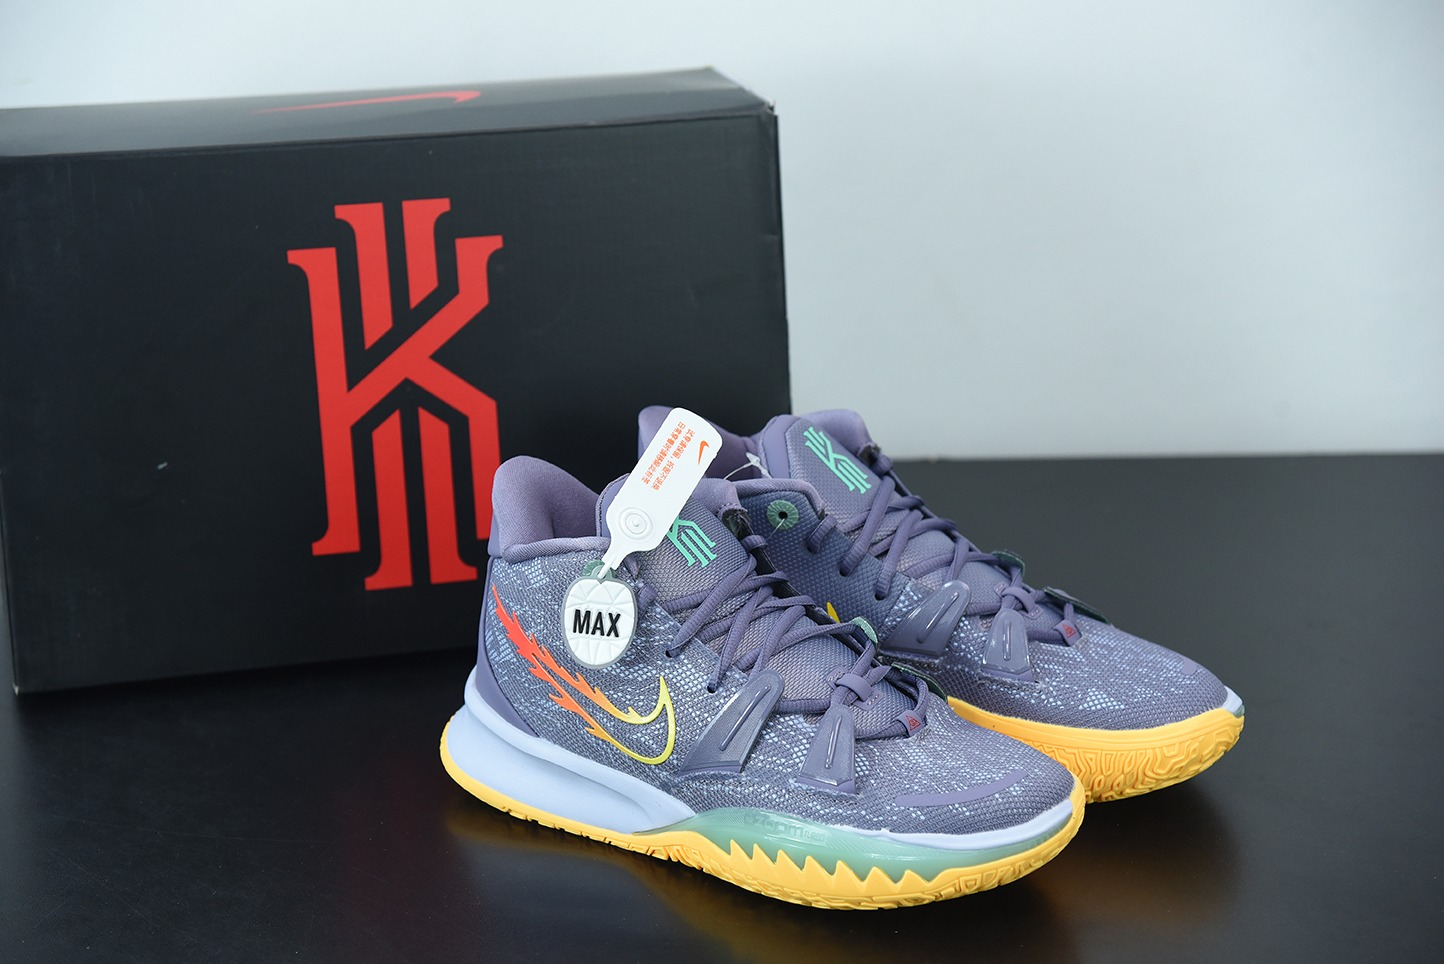 欧文NIKE KYRIE 7 DayBreak 欧文7代破晓实战篮球鞋纯原版本 货号:CQ9327-500